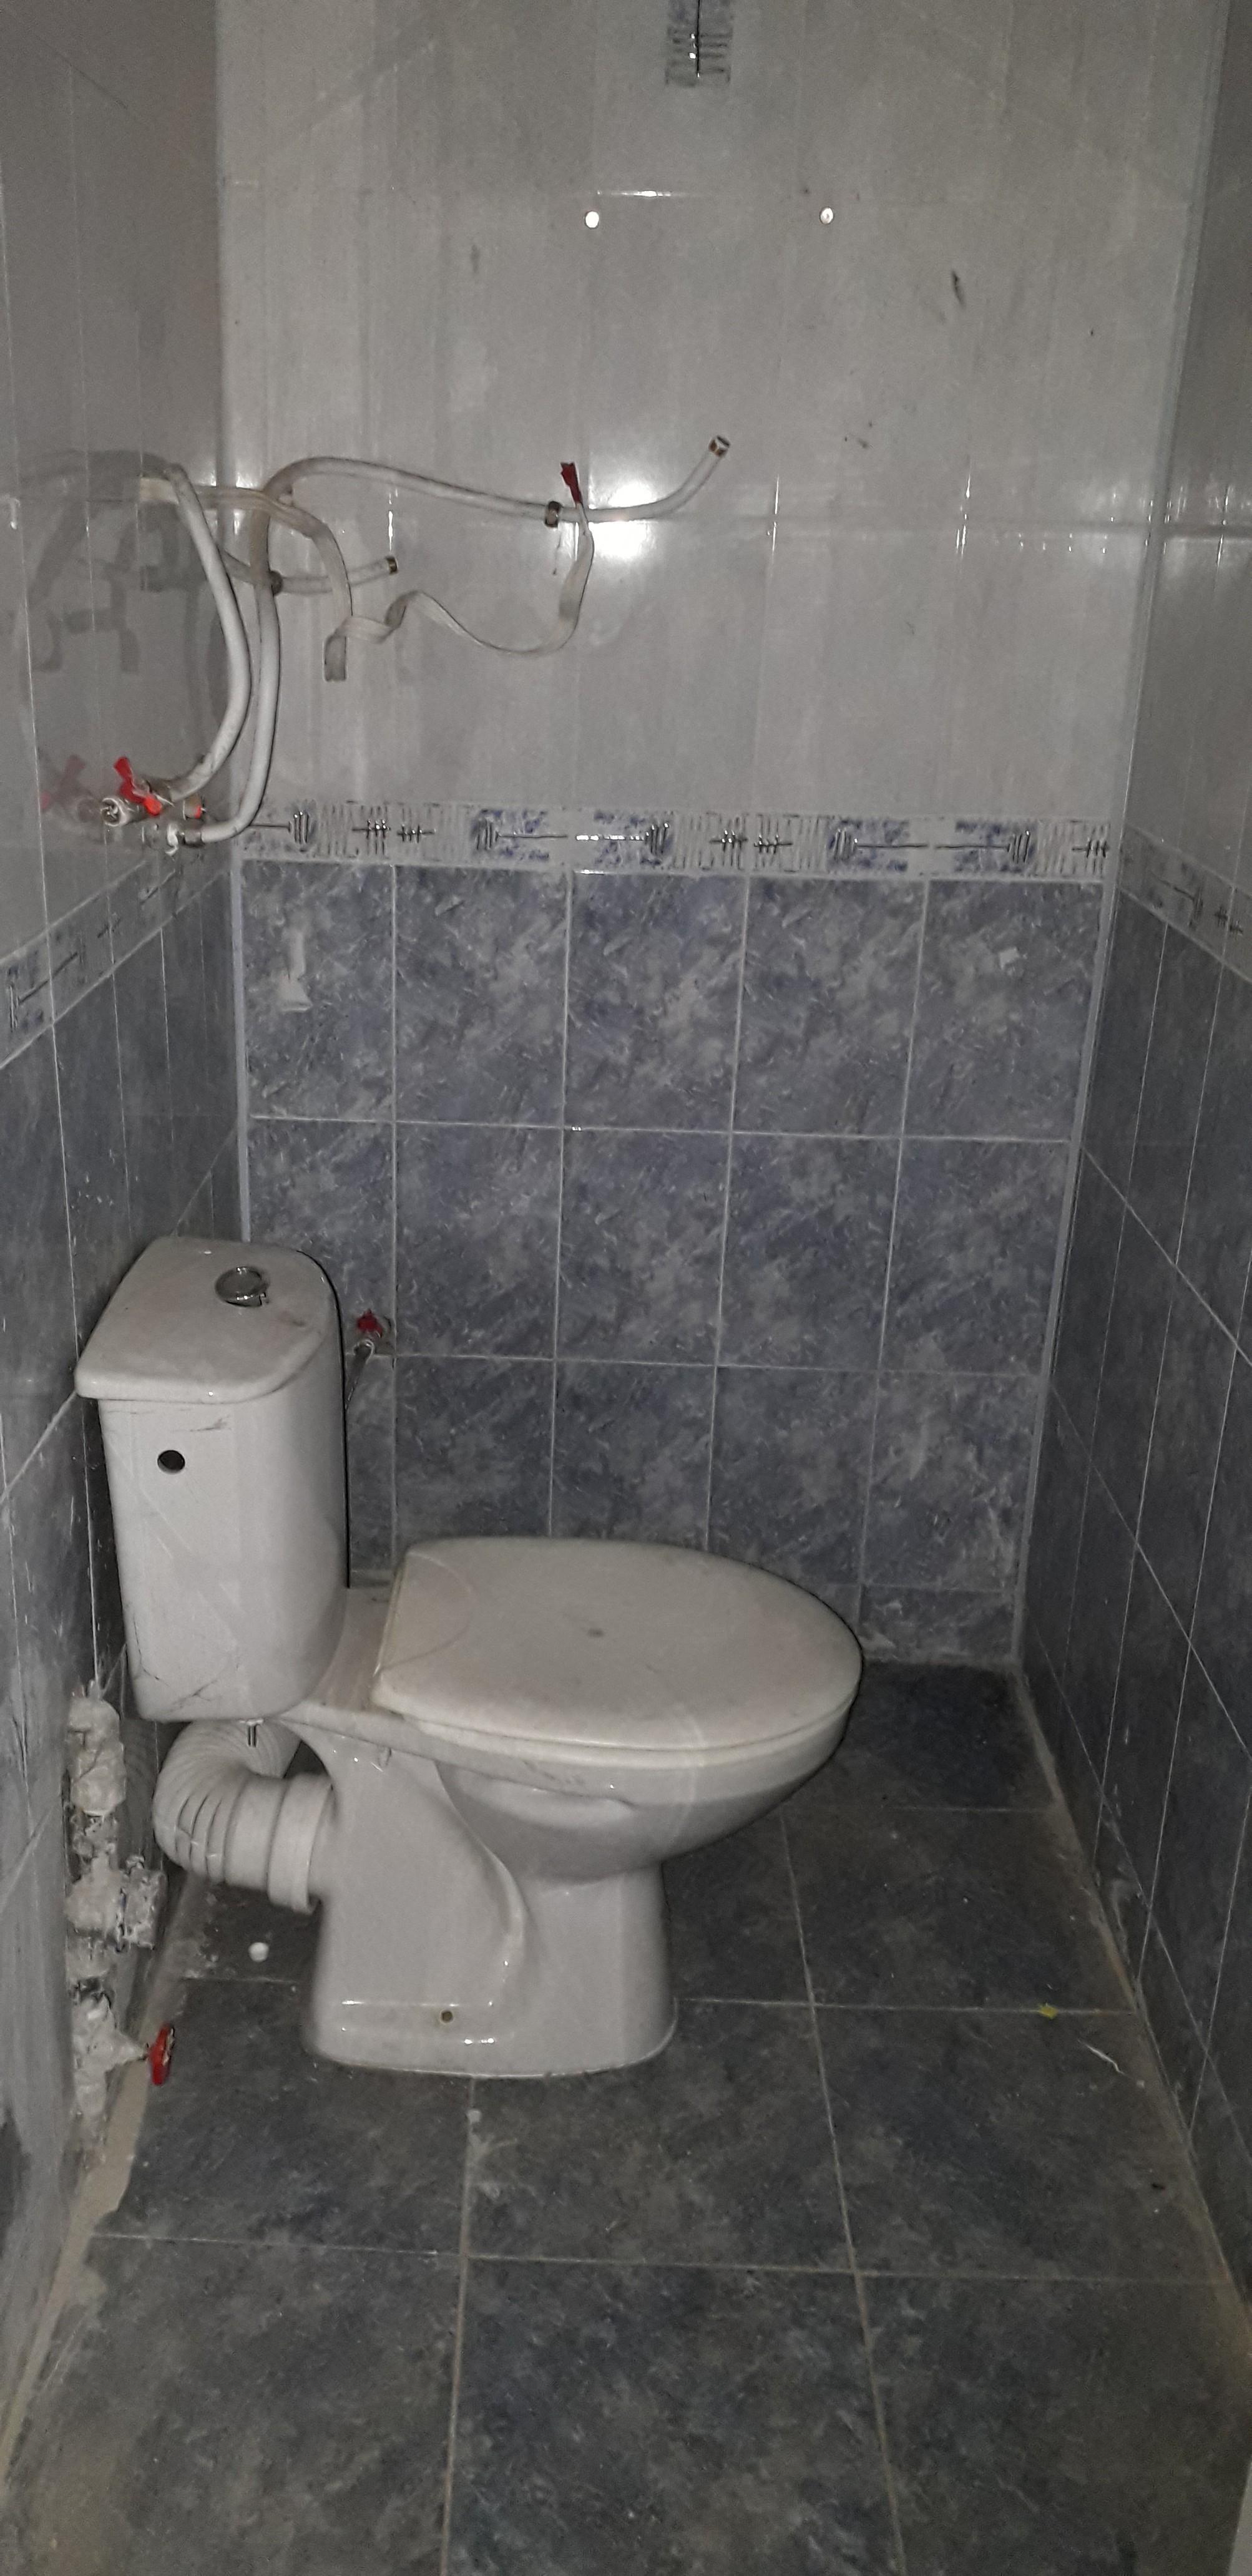 image3685